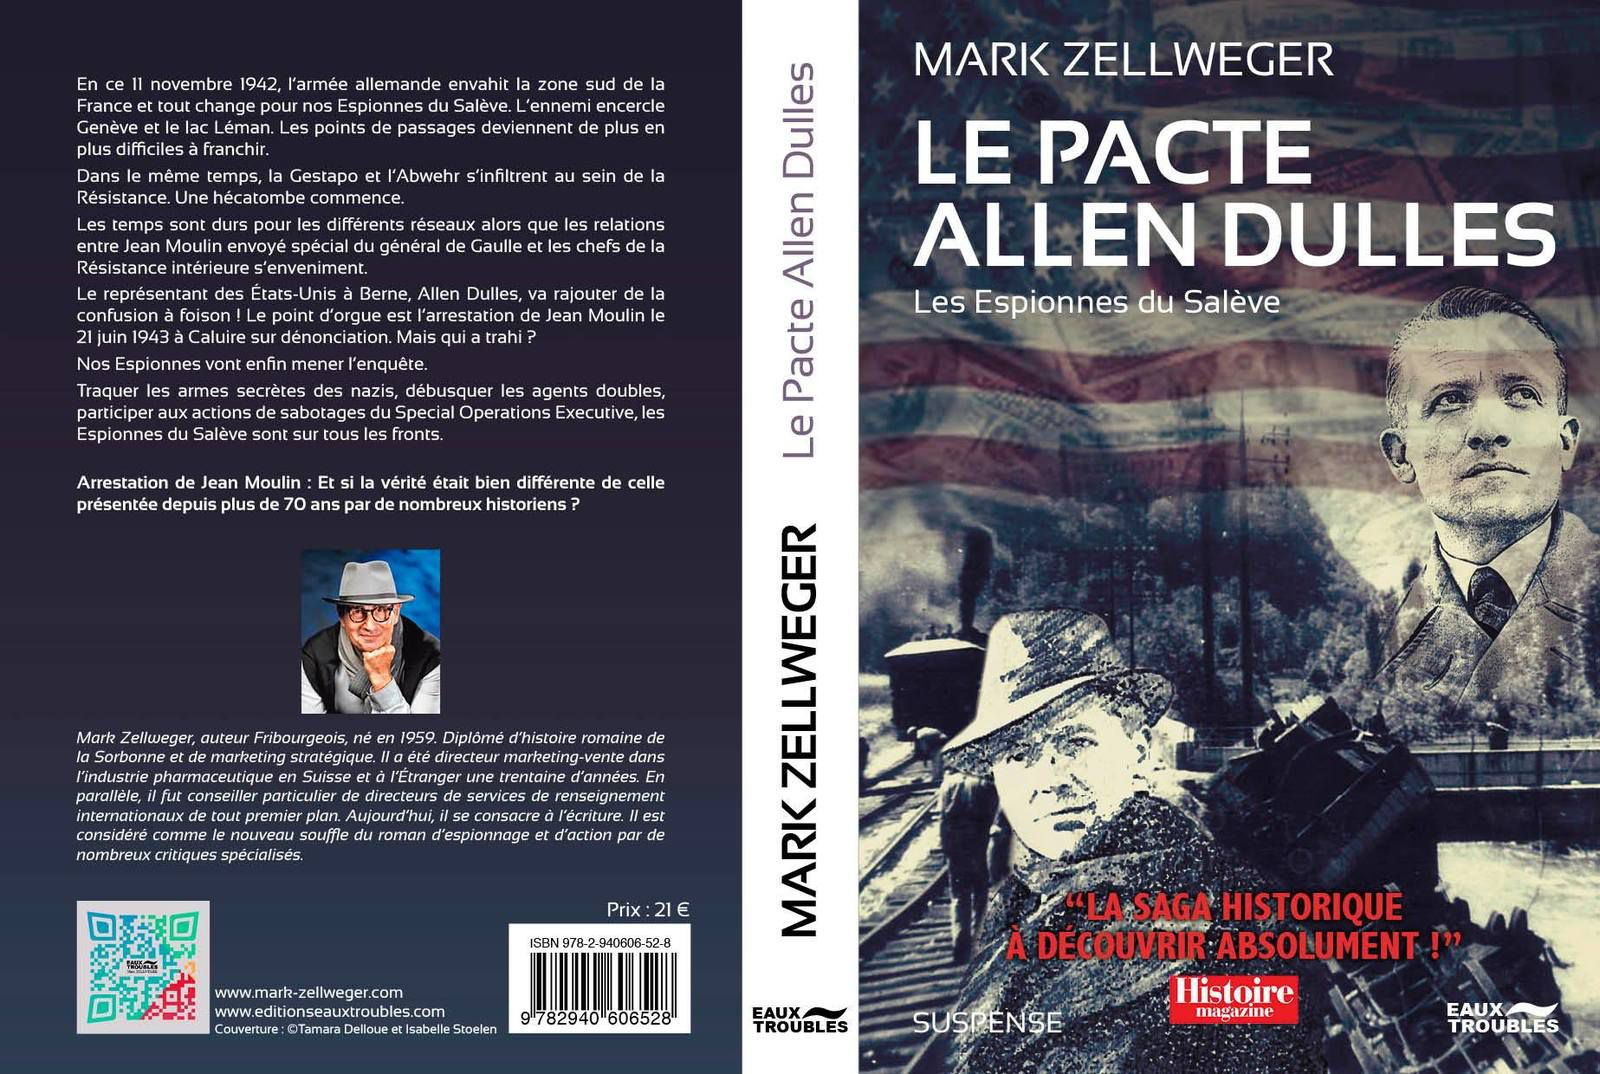 Les Espionnes du Salève T3, Le Pacte Allen Dulles, inédit arrive le 7 mai (Mark Zellweger)